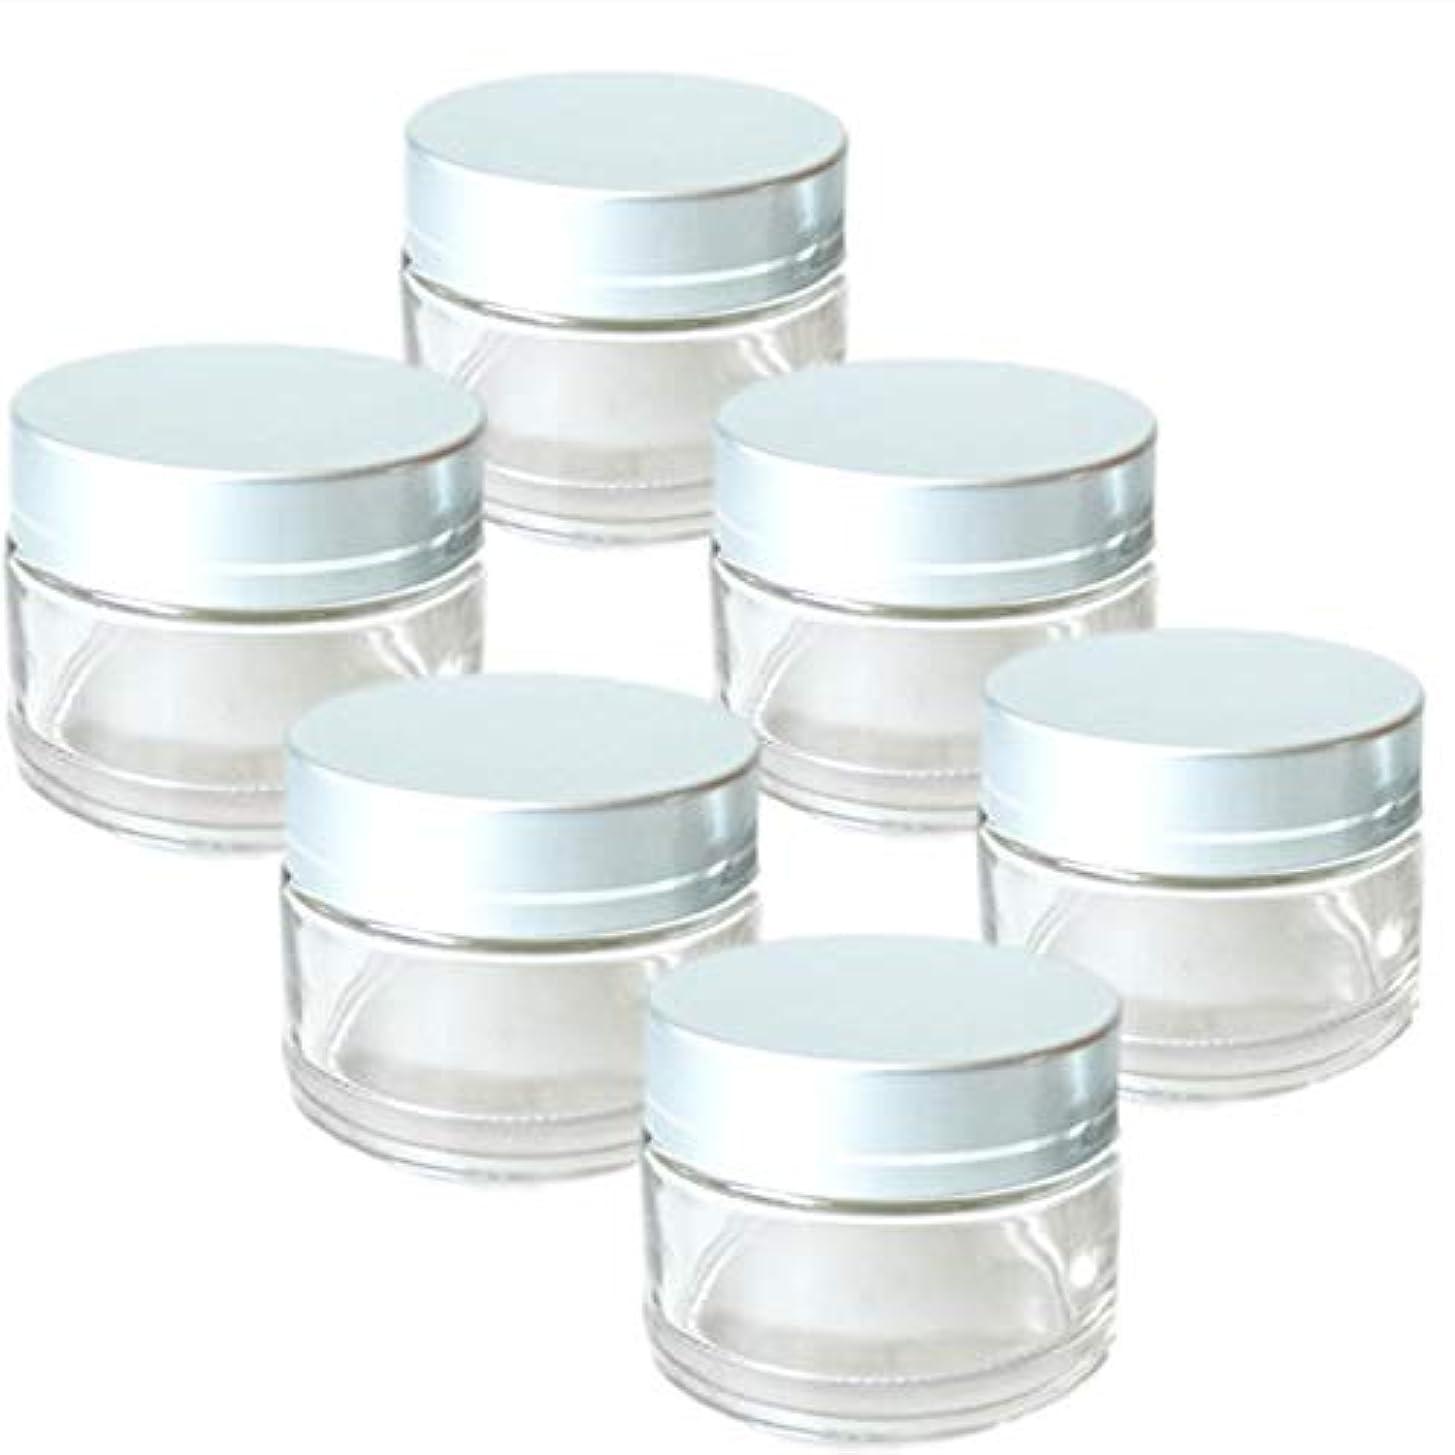 いとこ留まる質量rer ハンドクリーム 詰替え 容器 薬 ワセリン 入れ 6個 セット (クリア)